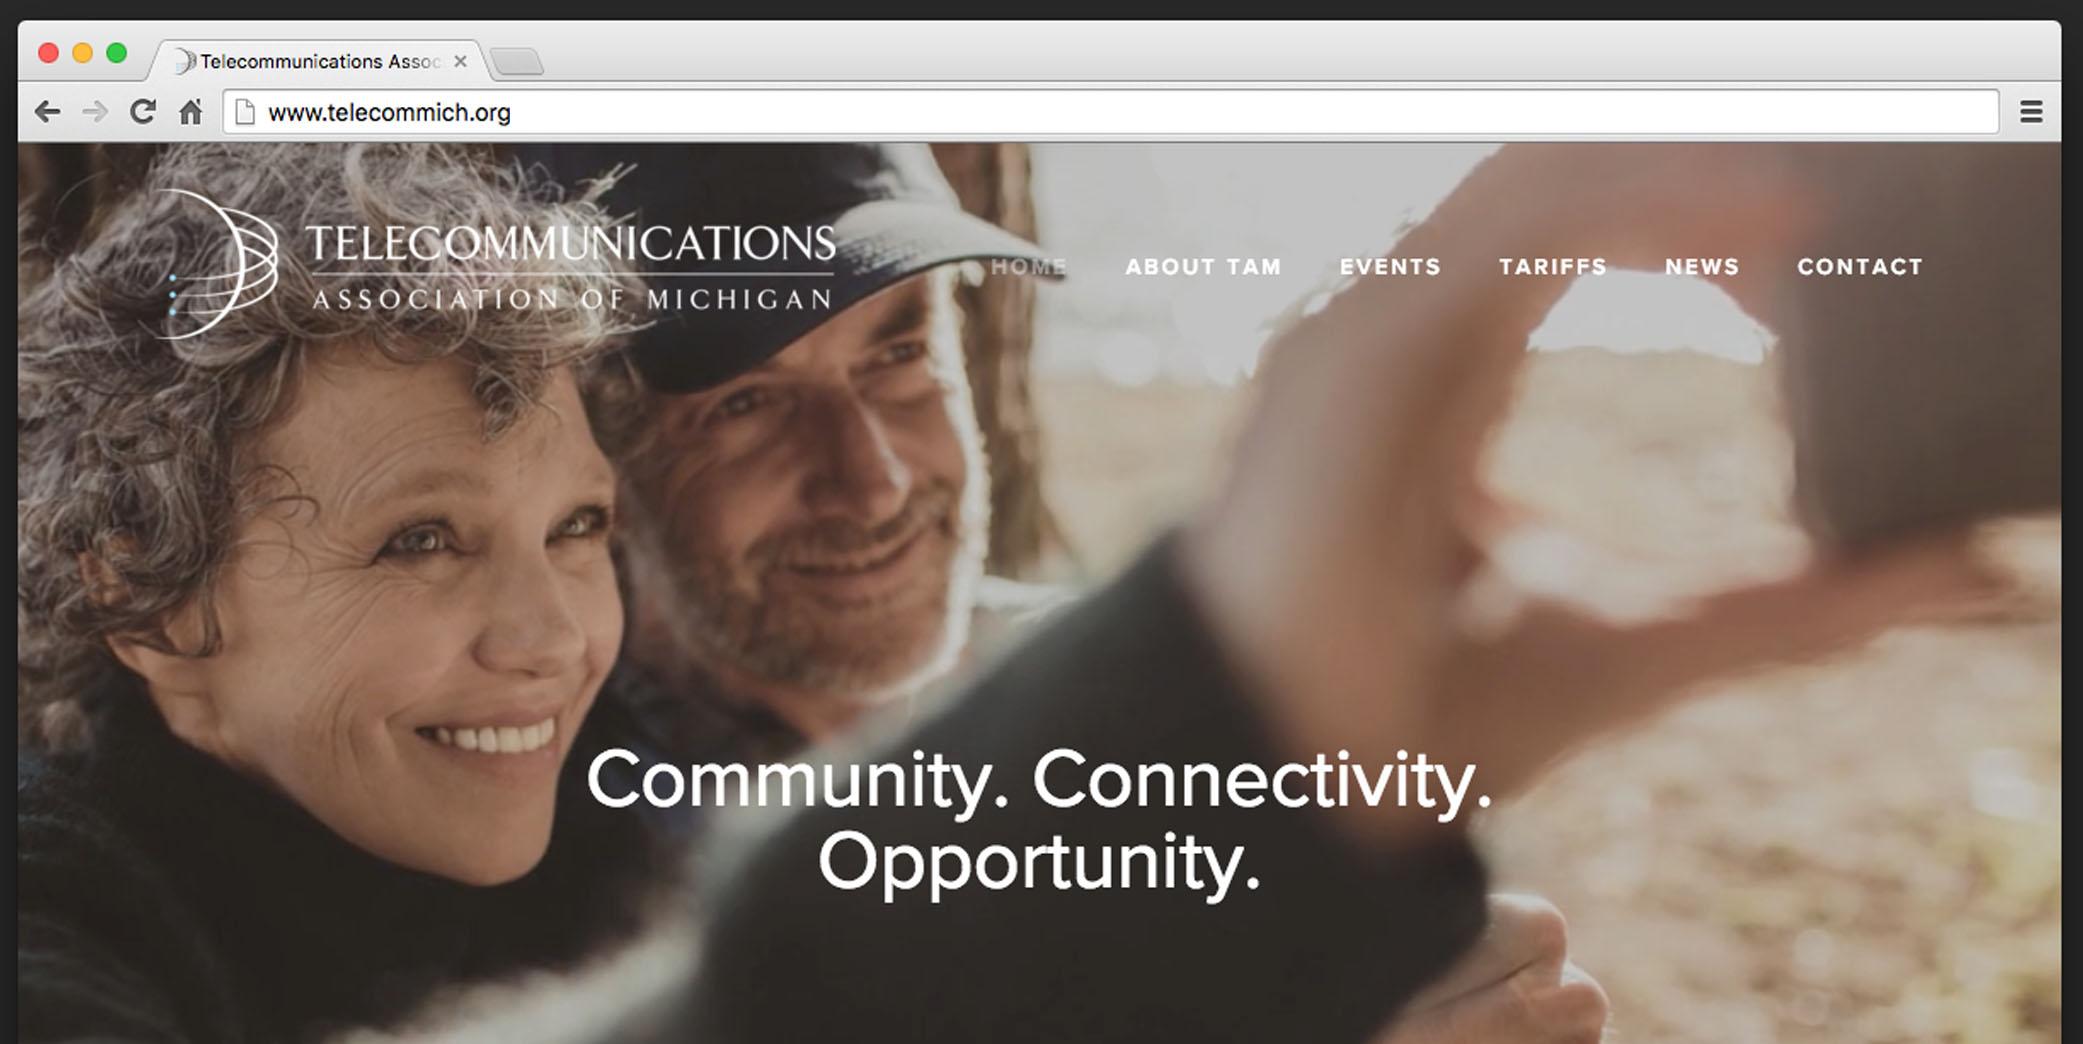 Telecommunications Association of Michigan